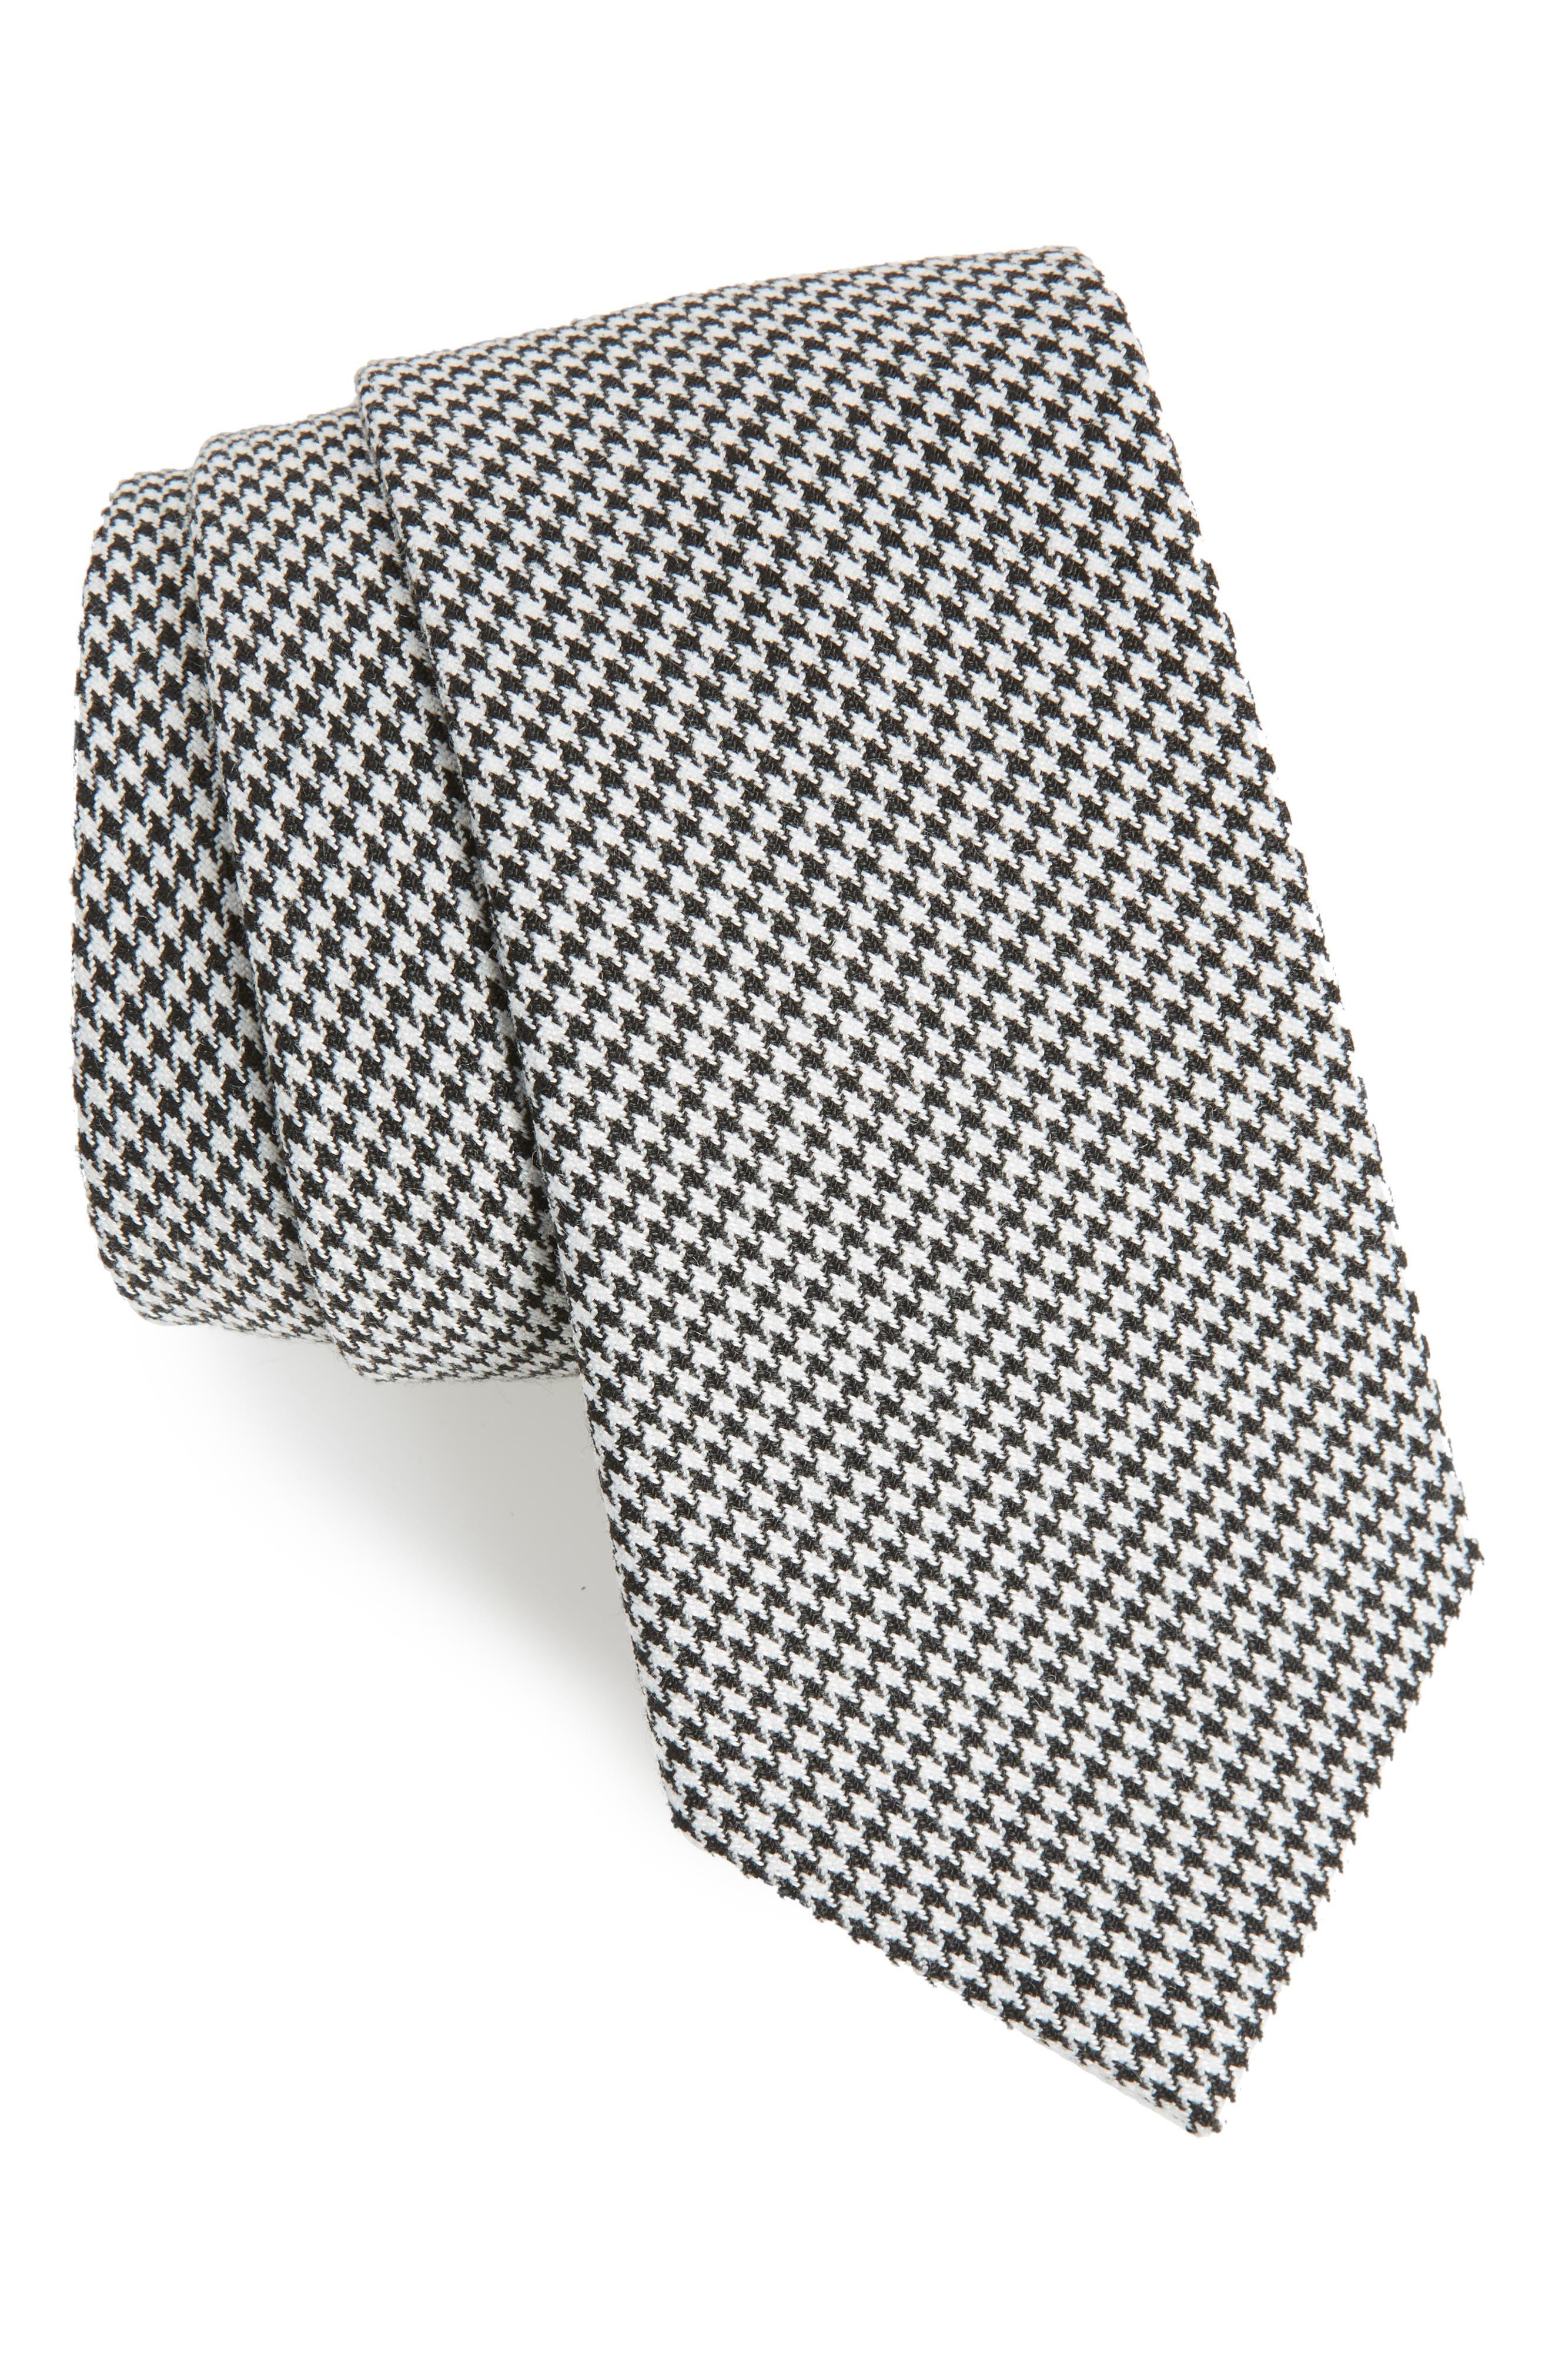 Topman Houndstooth Woven Tie